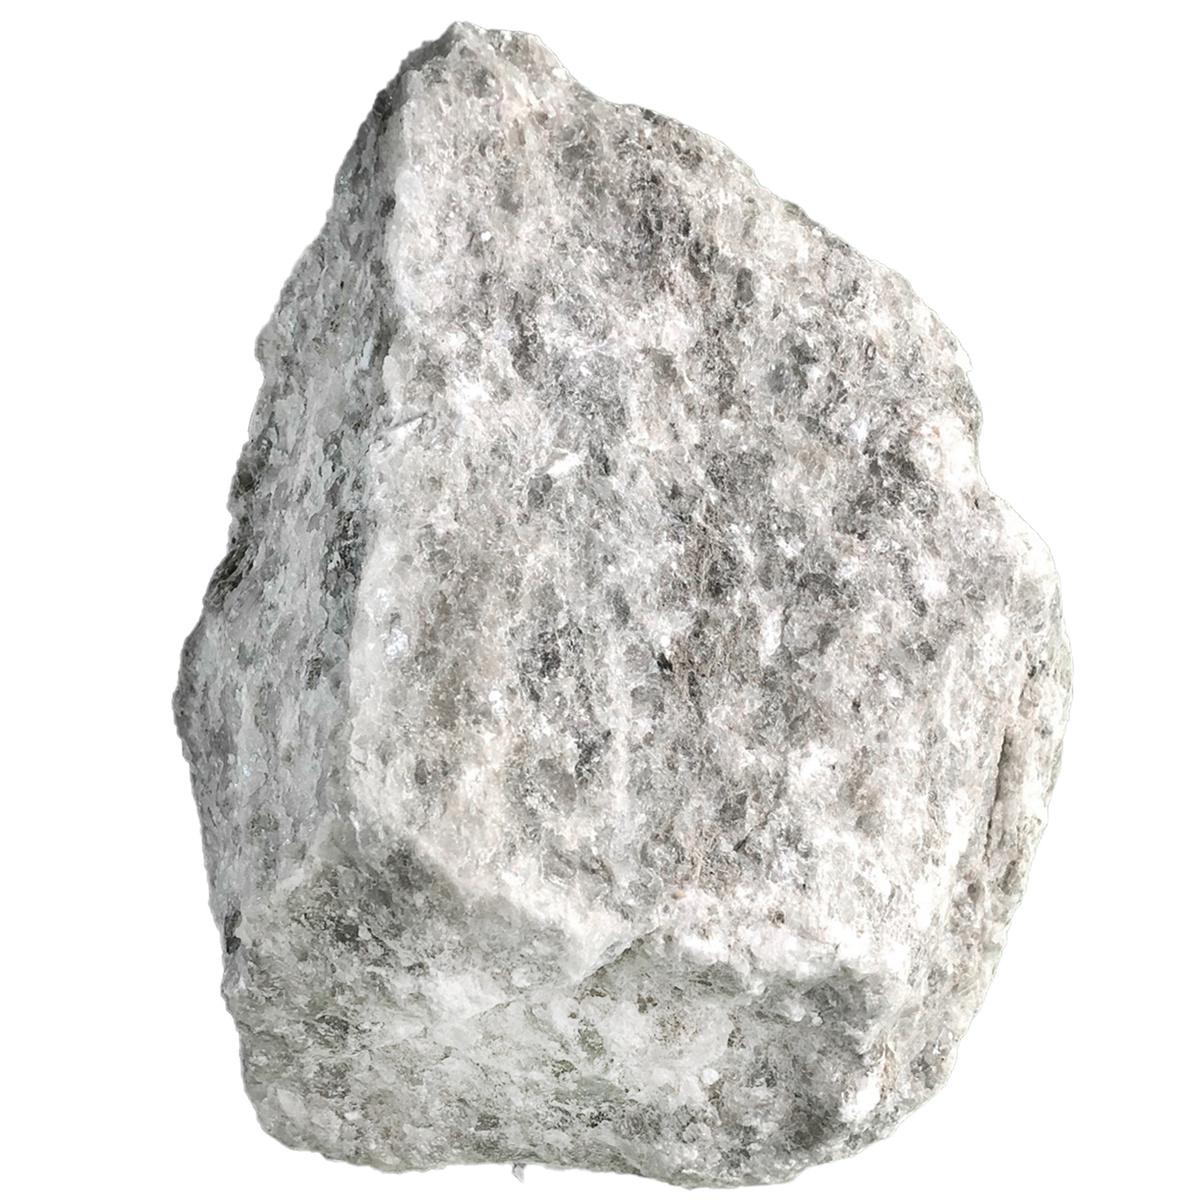 SOLNIT ProFeed 6-10 кг, лизунец для скота (КРС и МРС), соль в глыбах, белая  #1